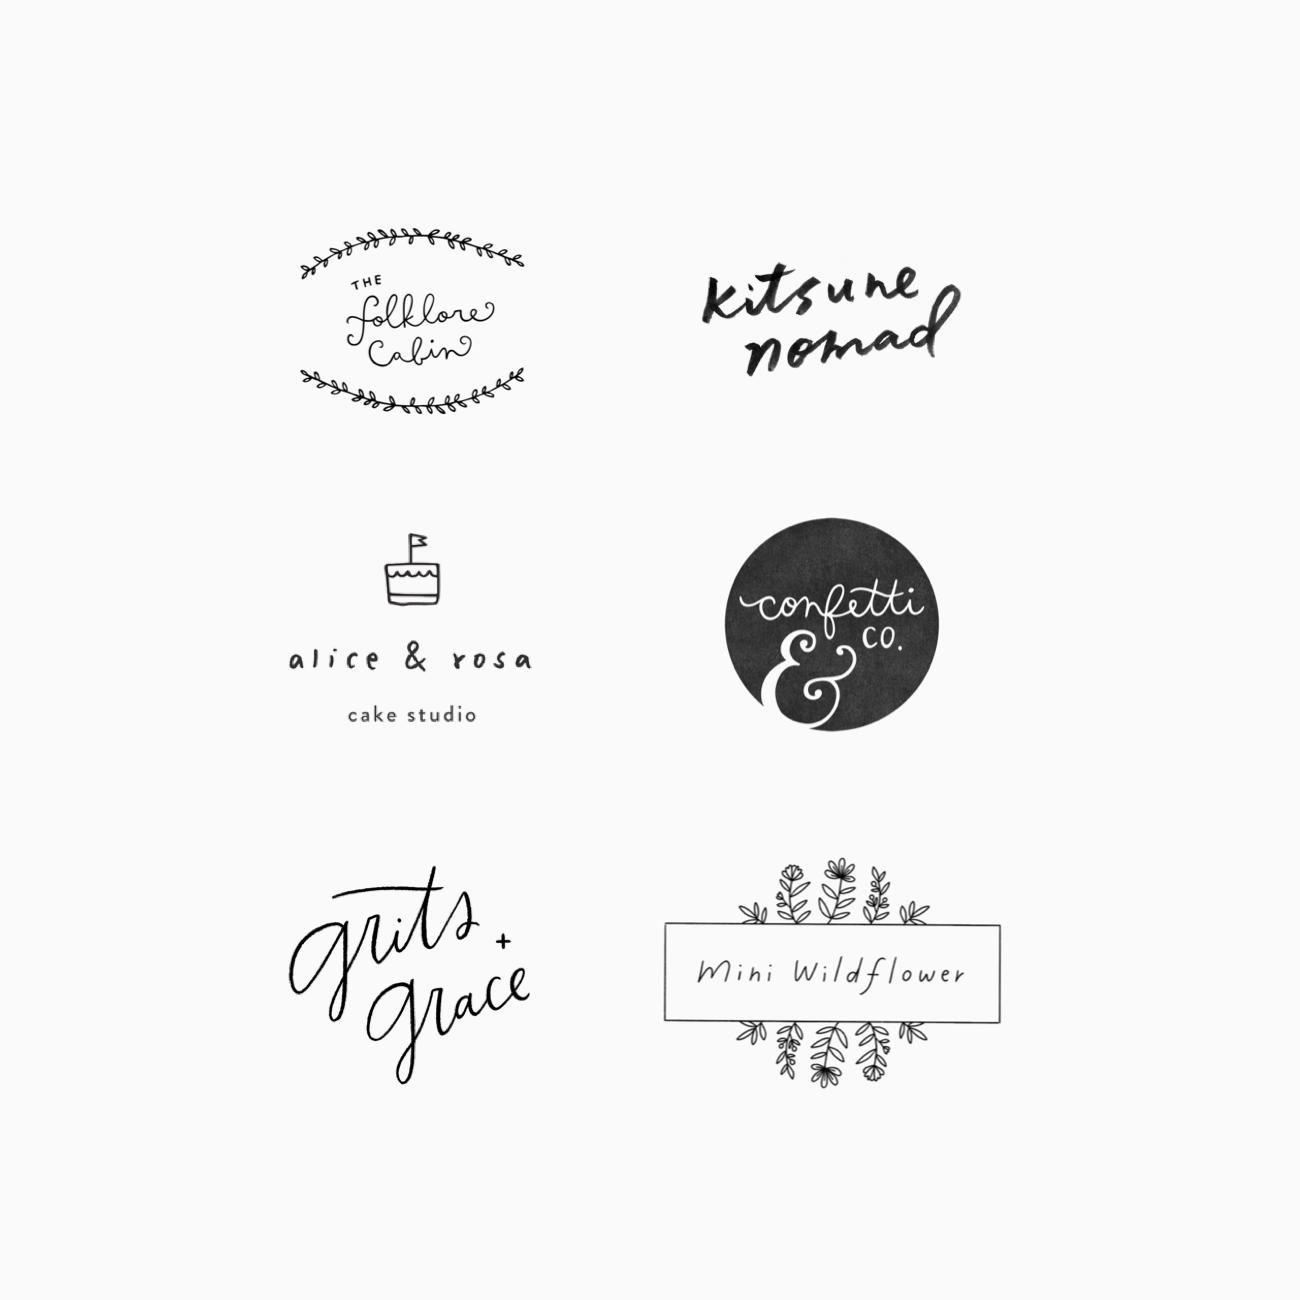 minna_logos.png